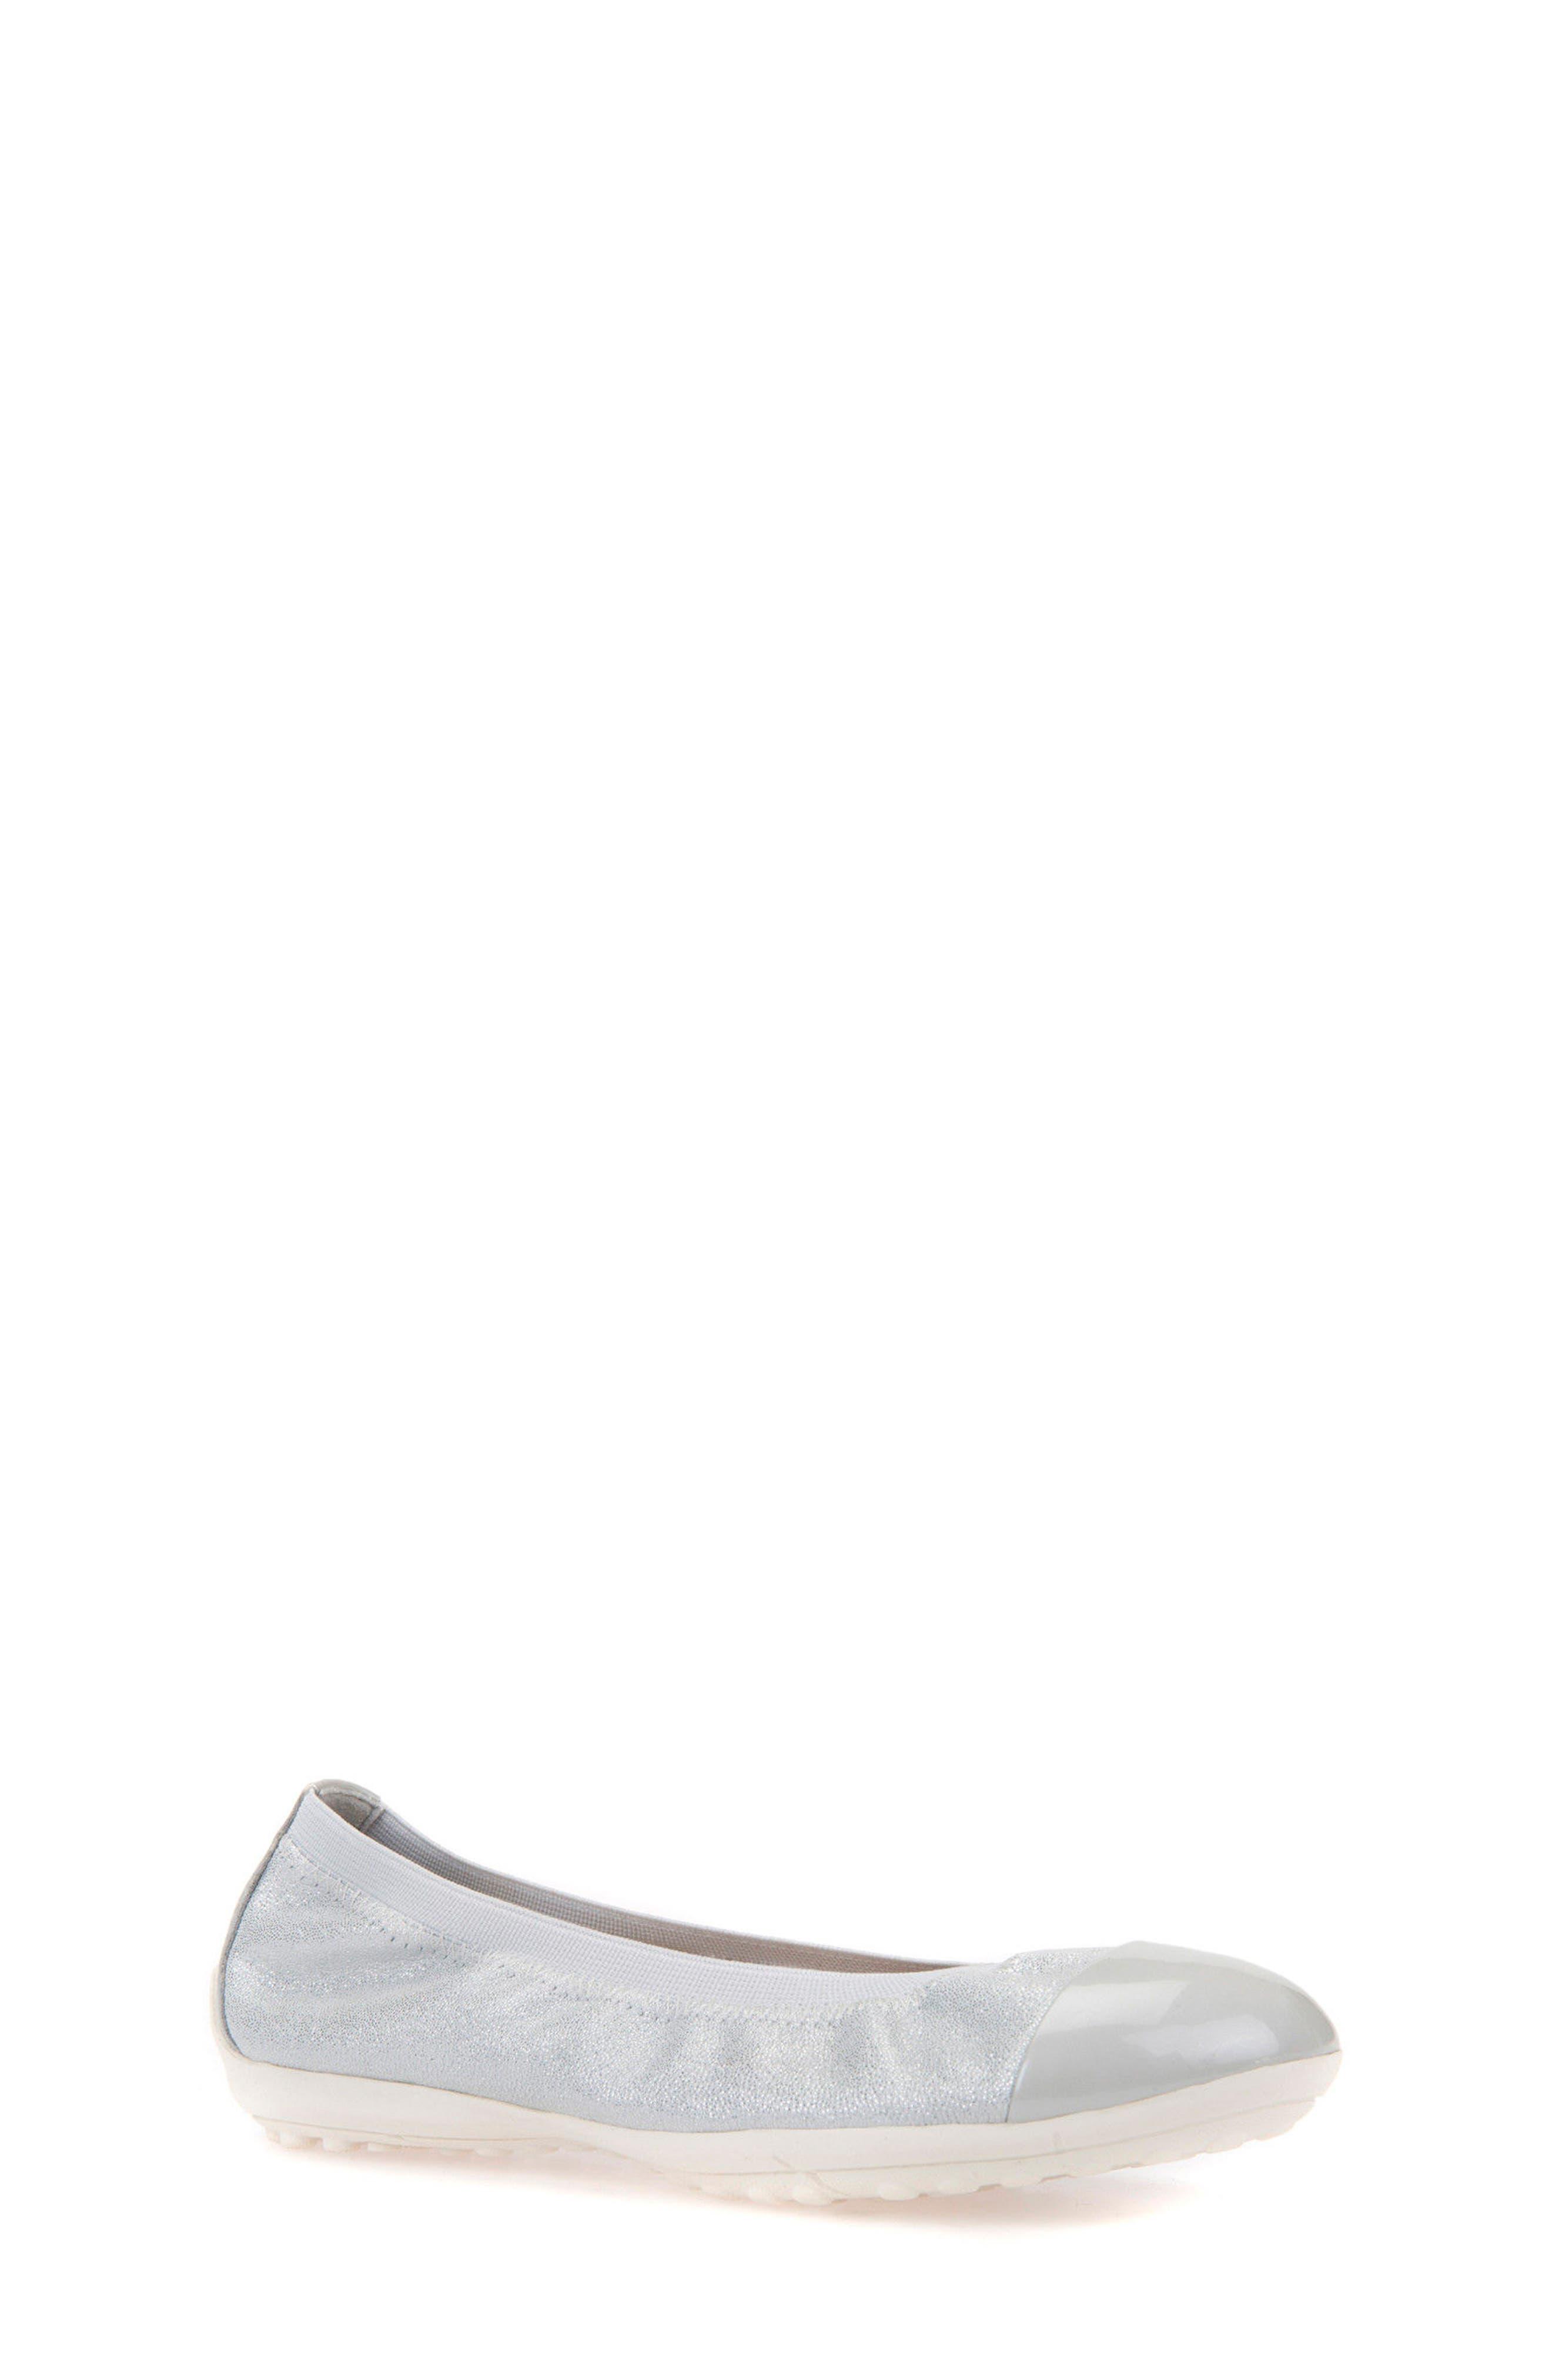 GEOX, Piuma Cap Toe Glitter Ballerina Flat, Main thumbnail 1, color, PEARL